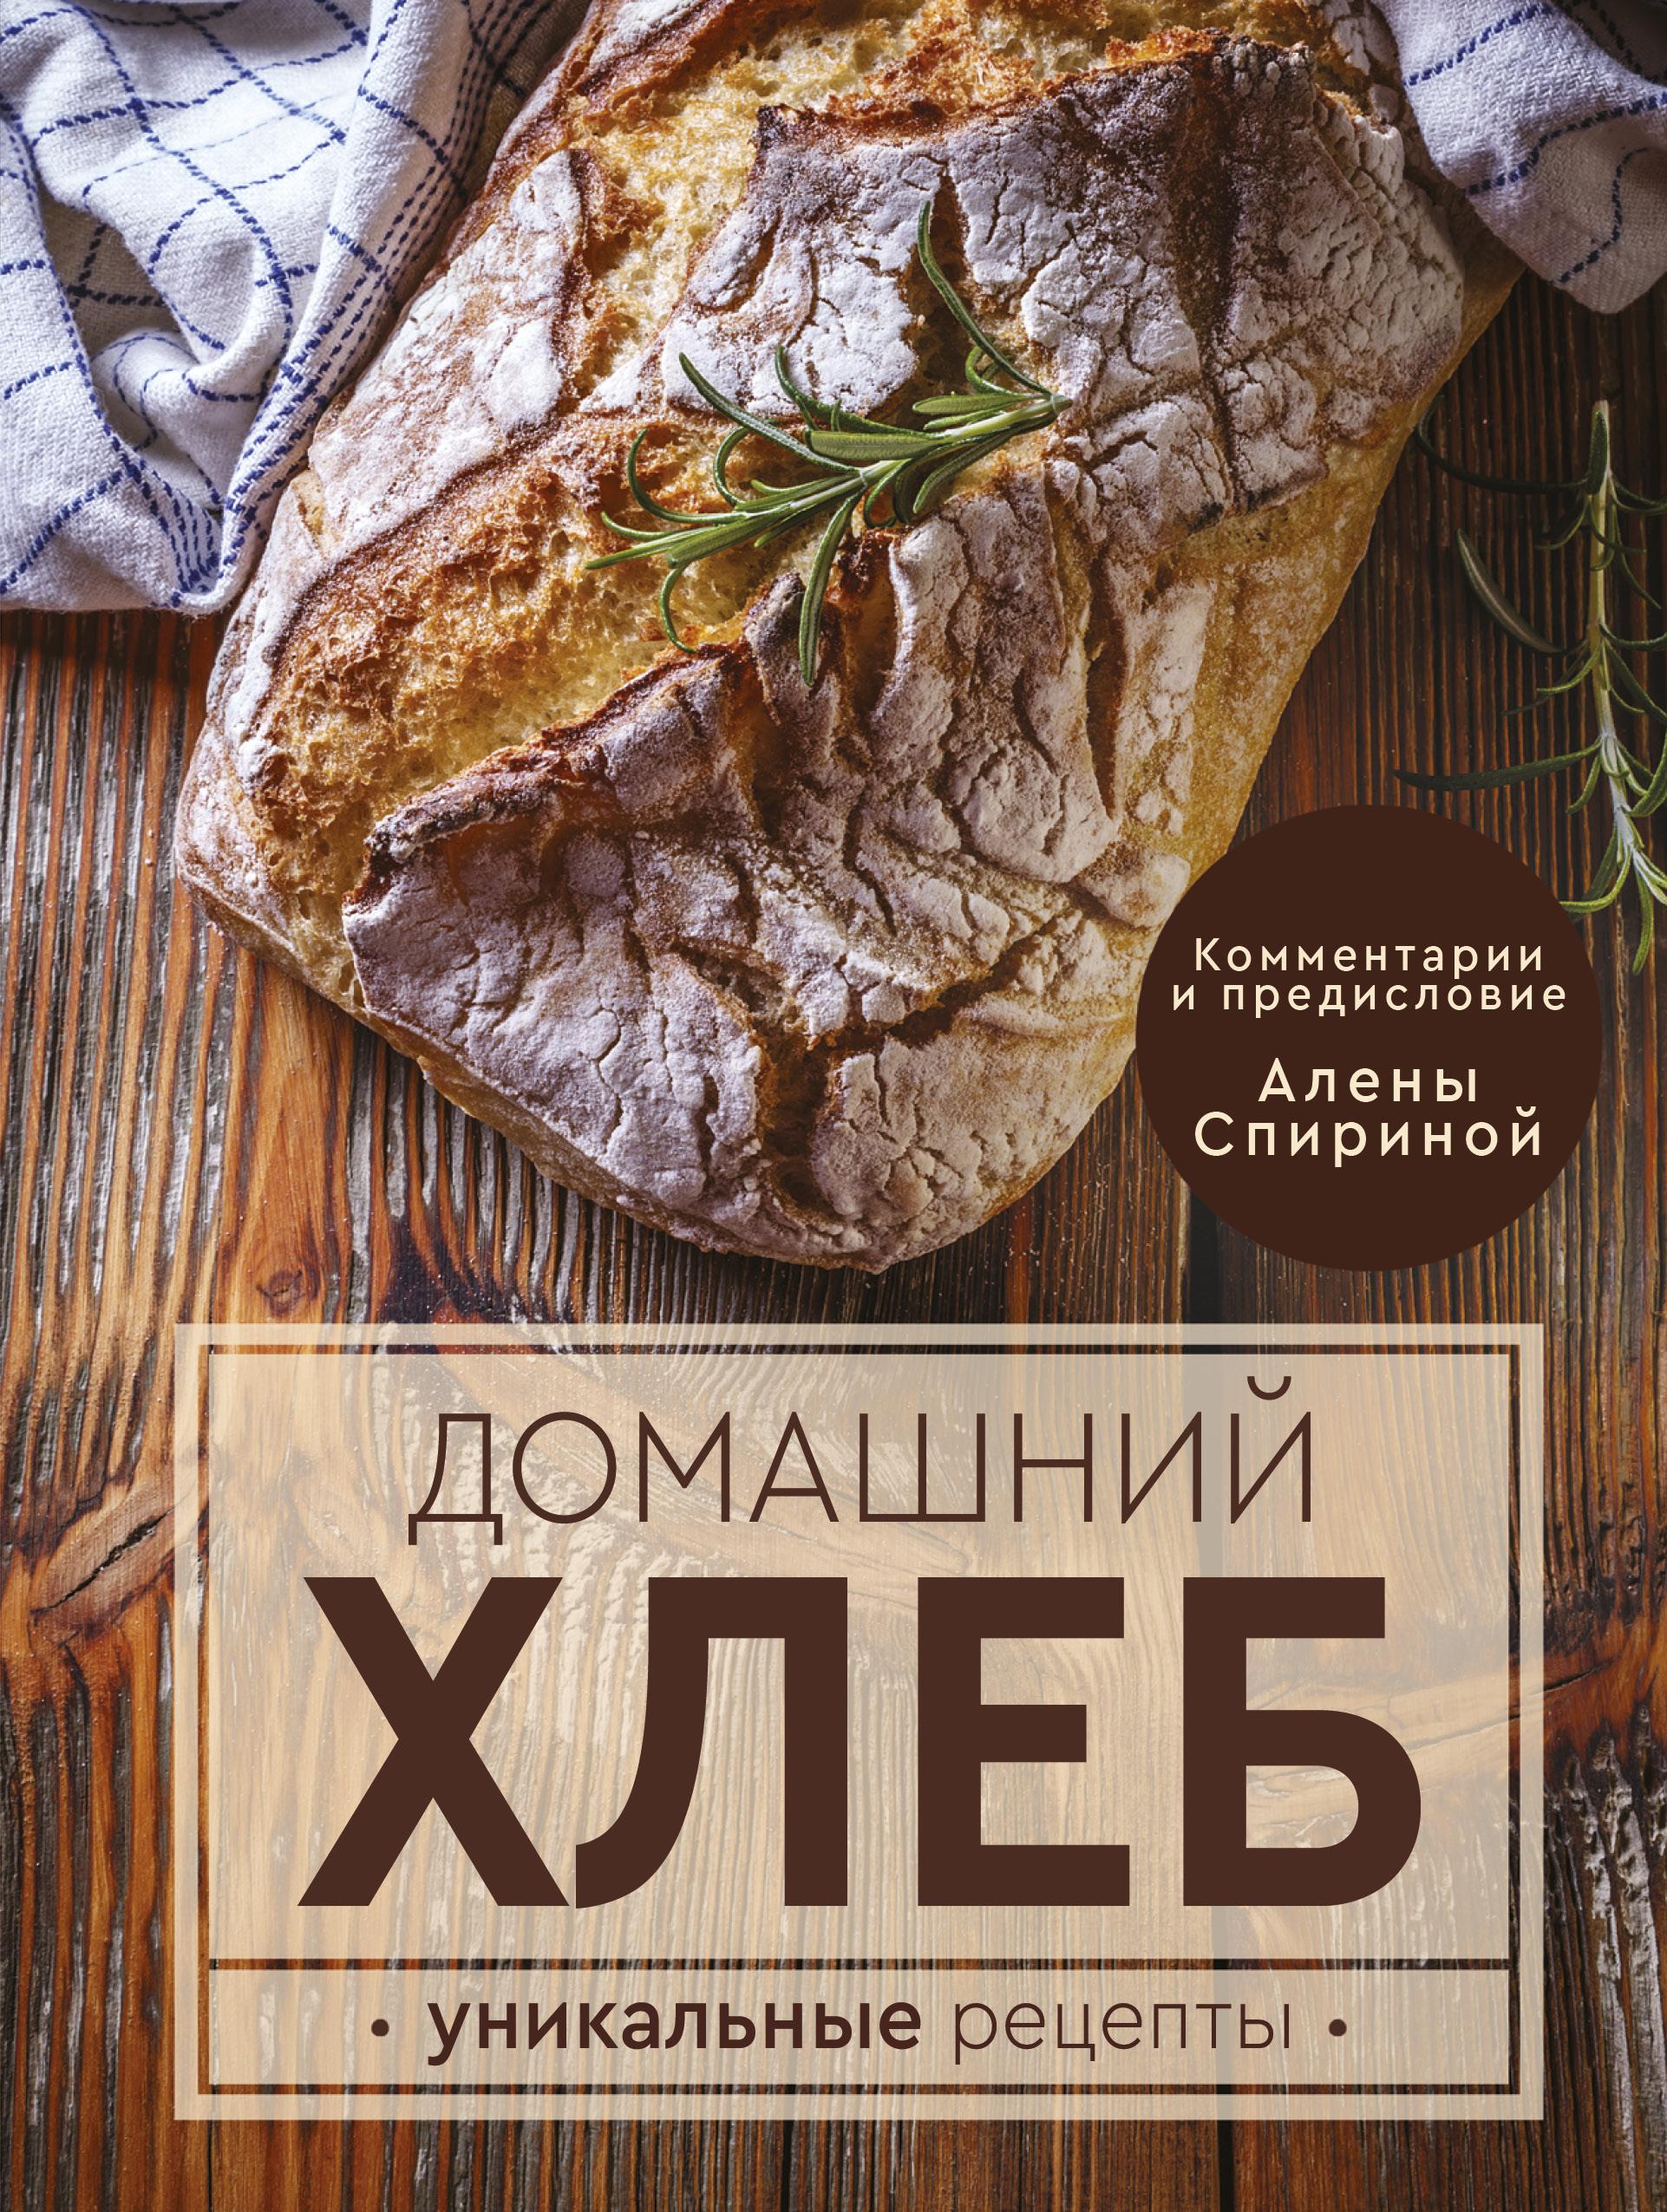 Спирина А. Домашний хлеб. Уникальные рецепты